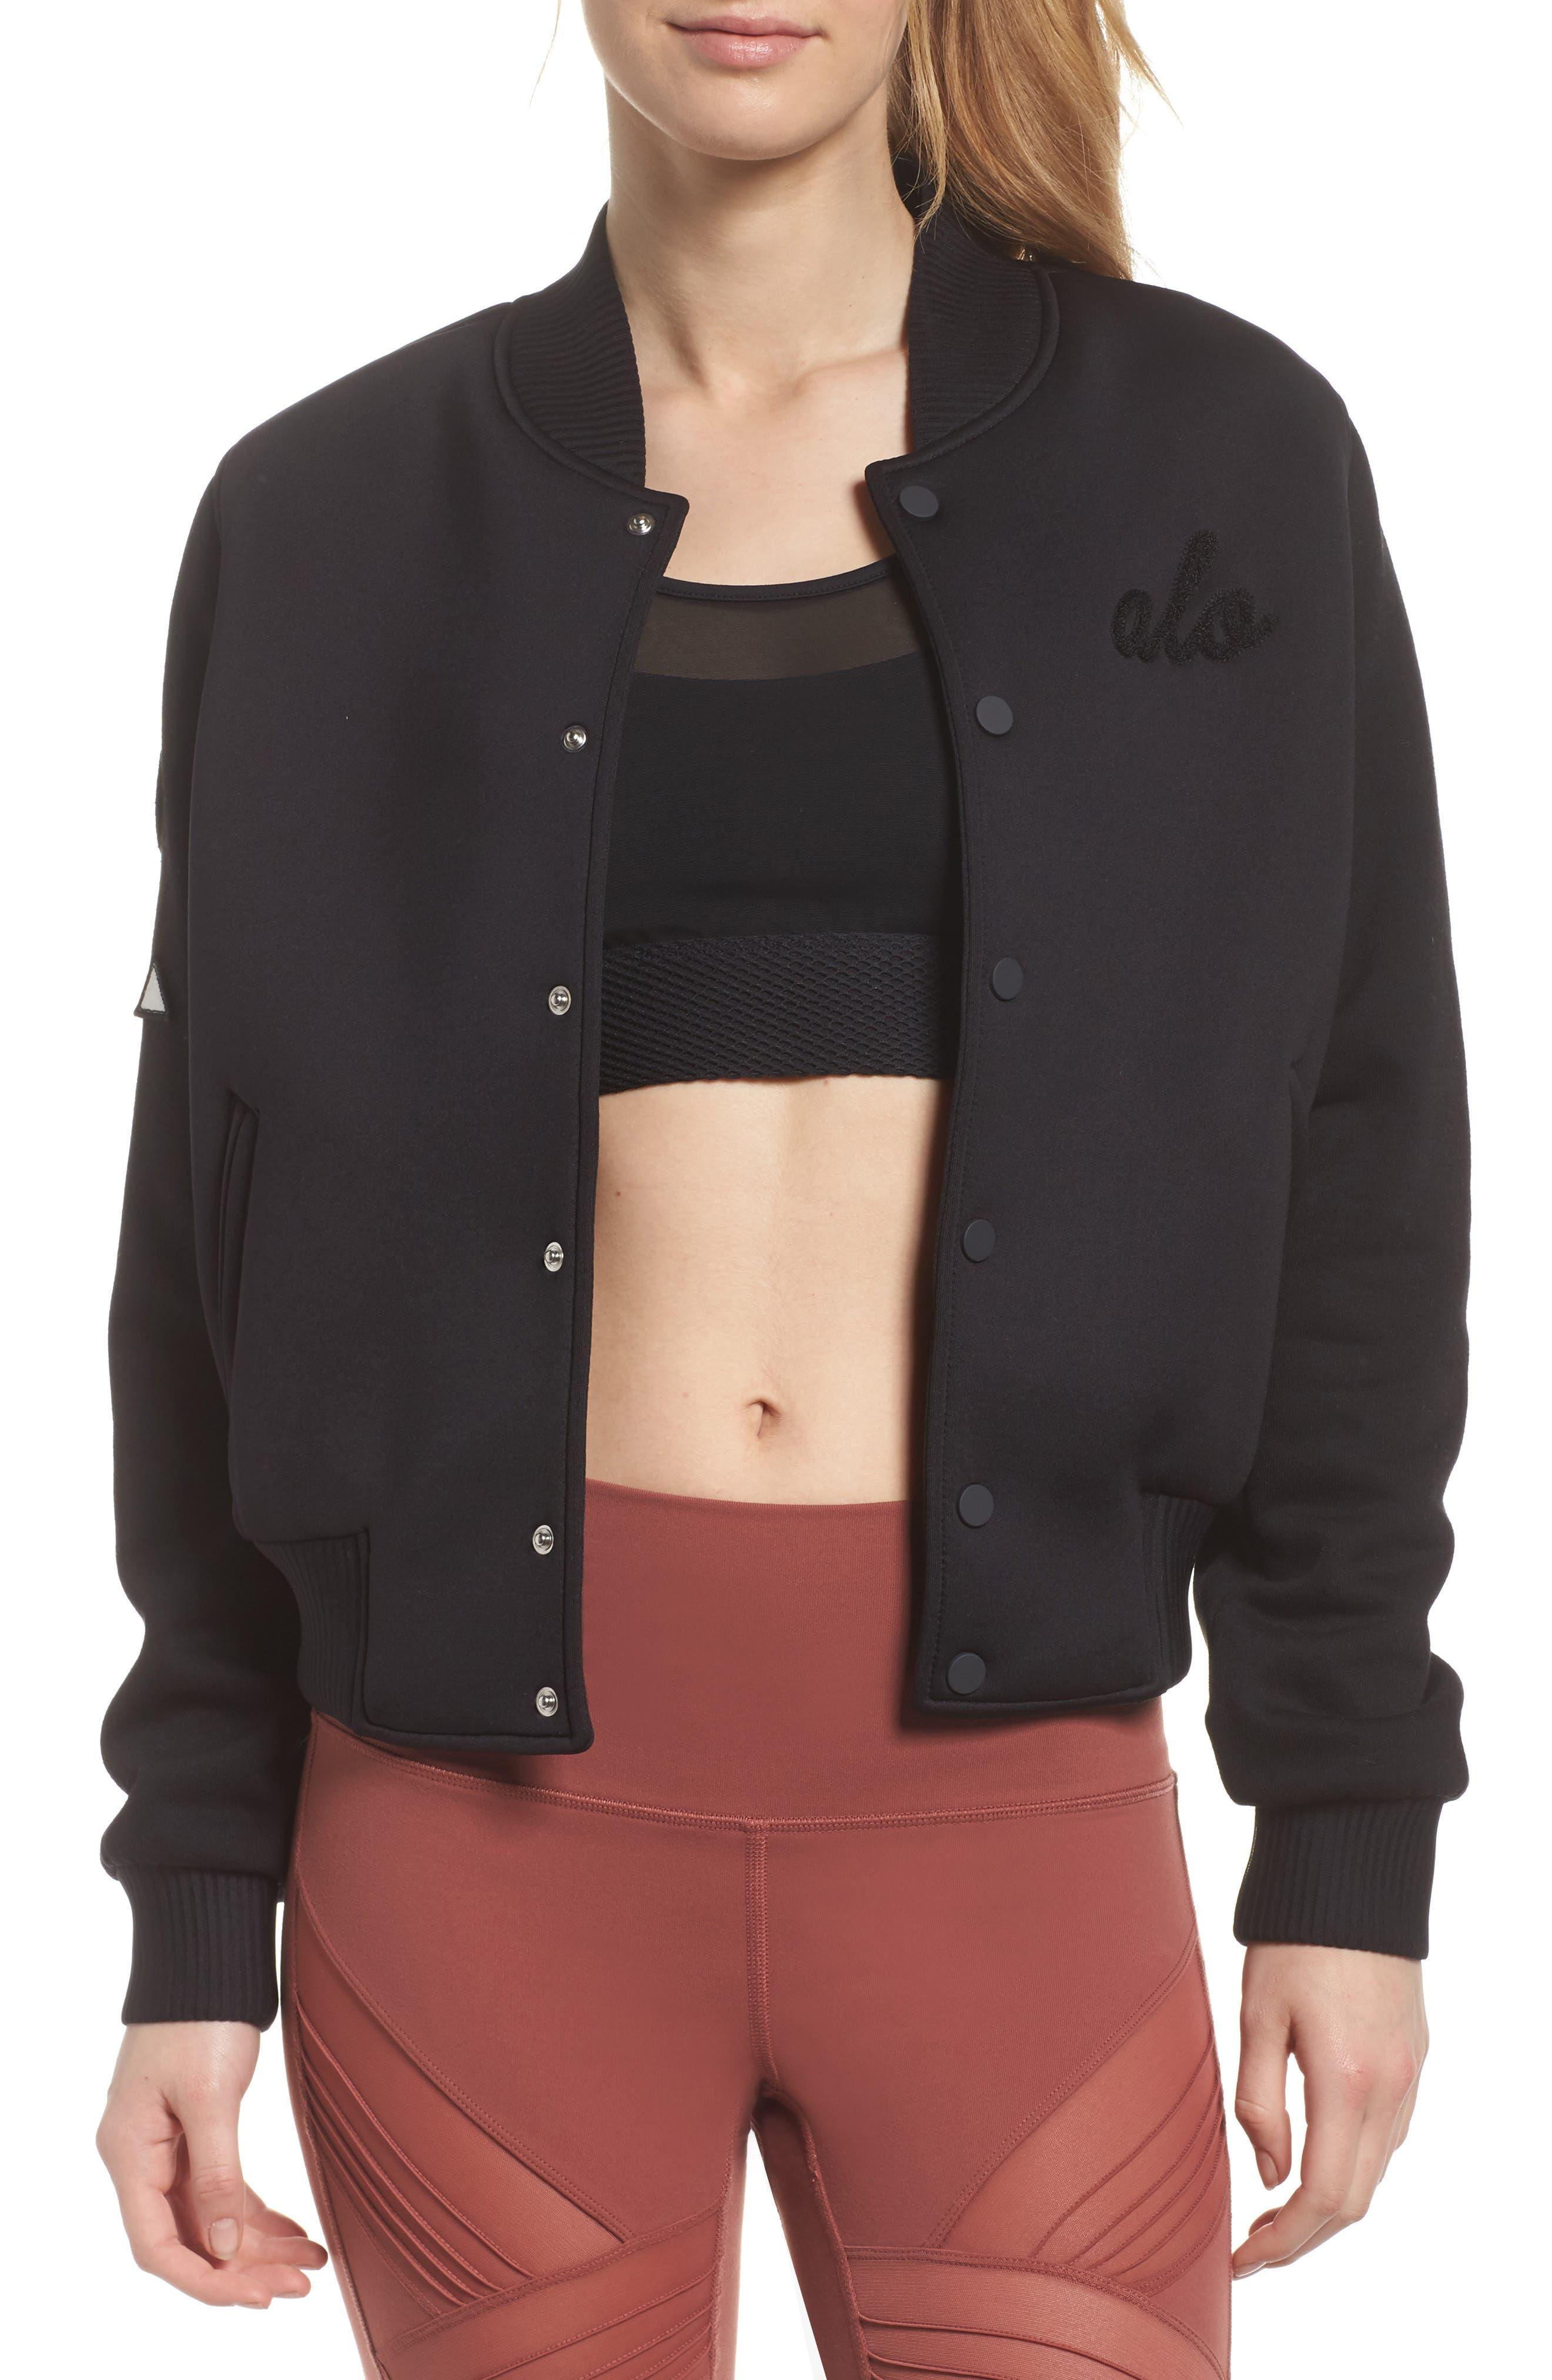 Black hooded letterman jacket